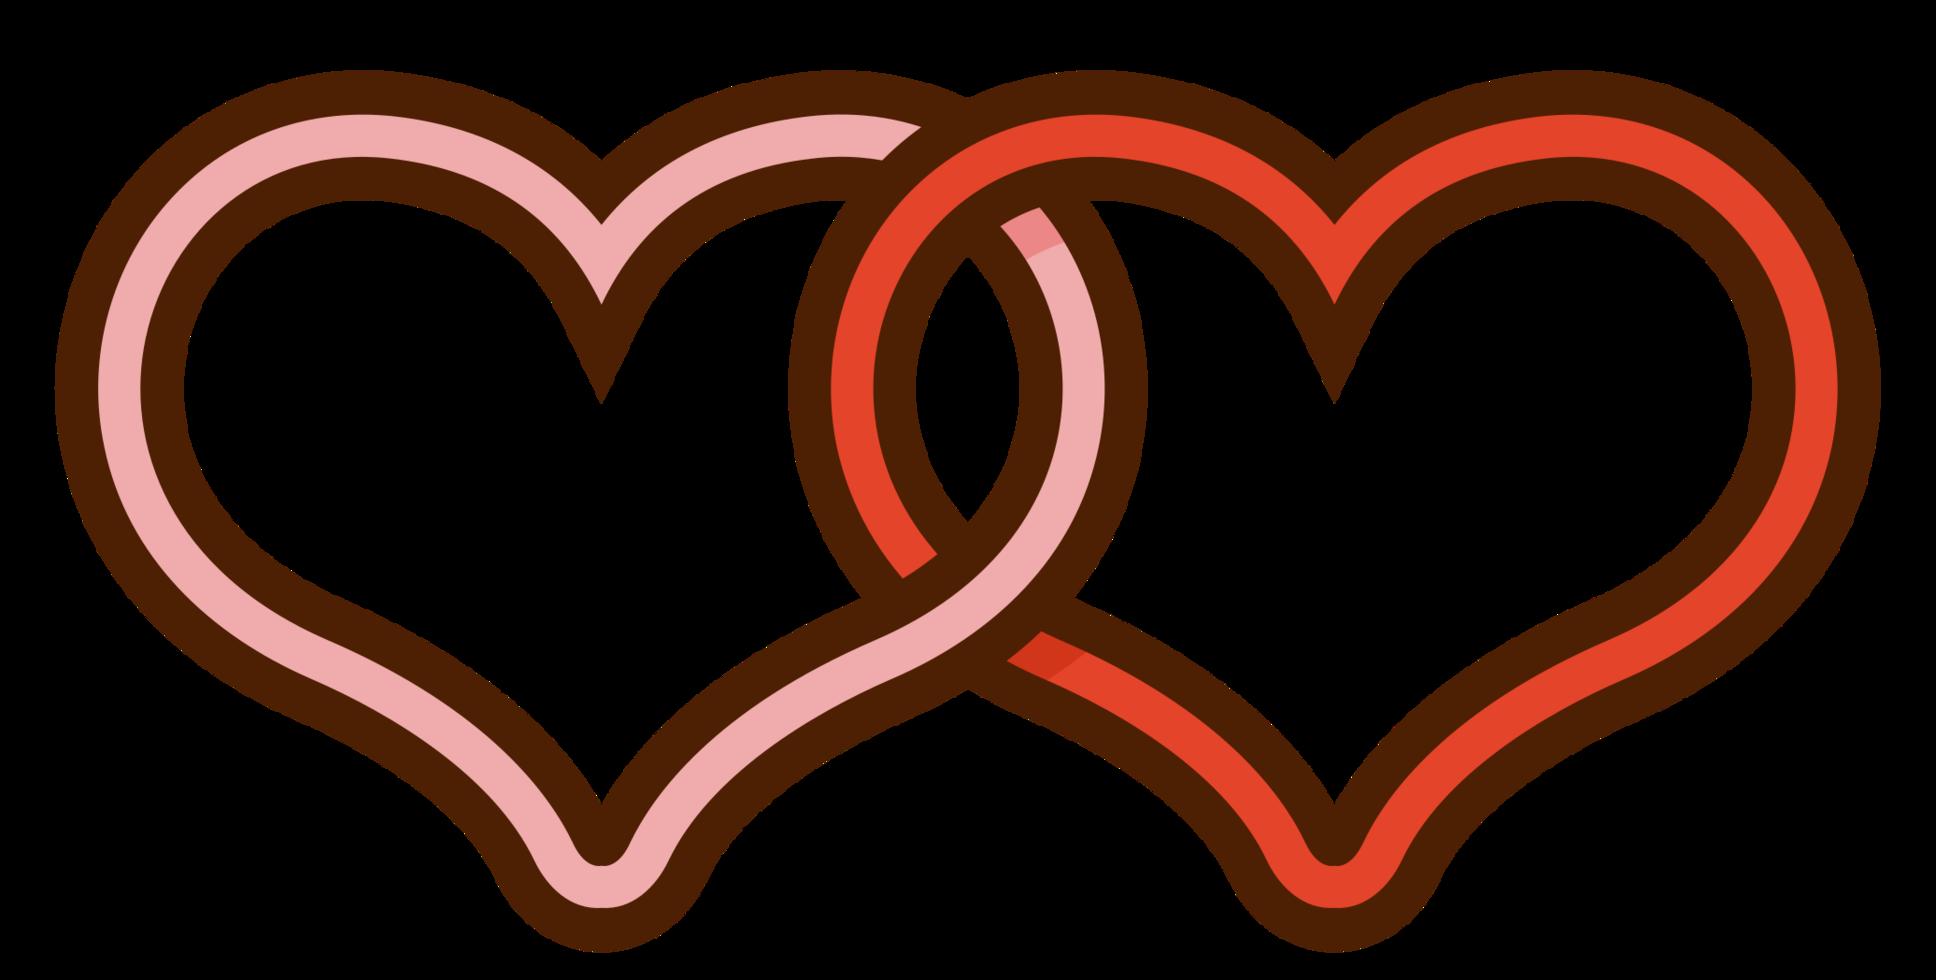 casal casamento do coração png